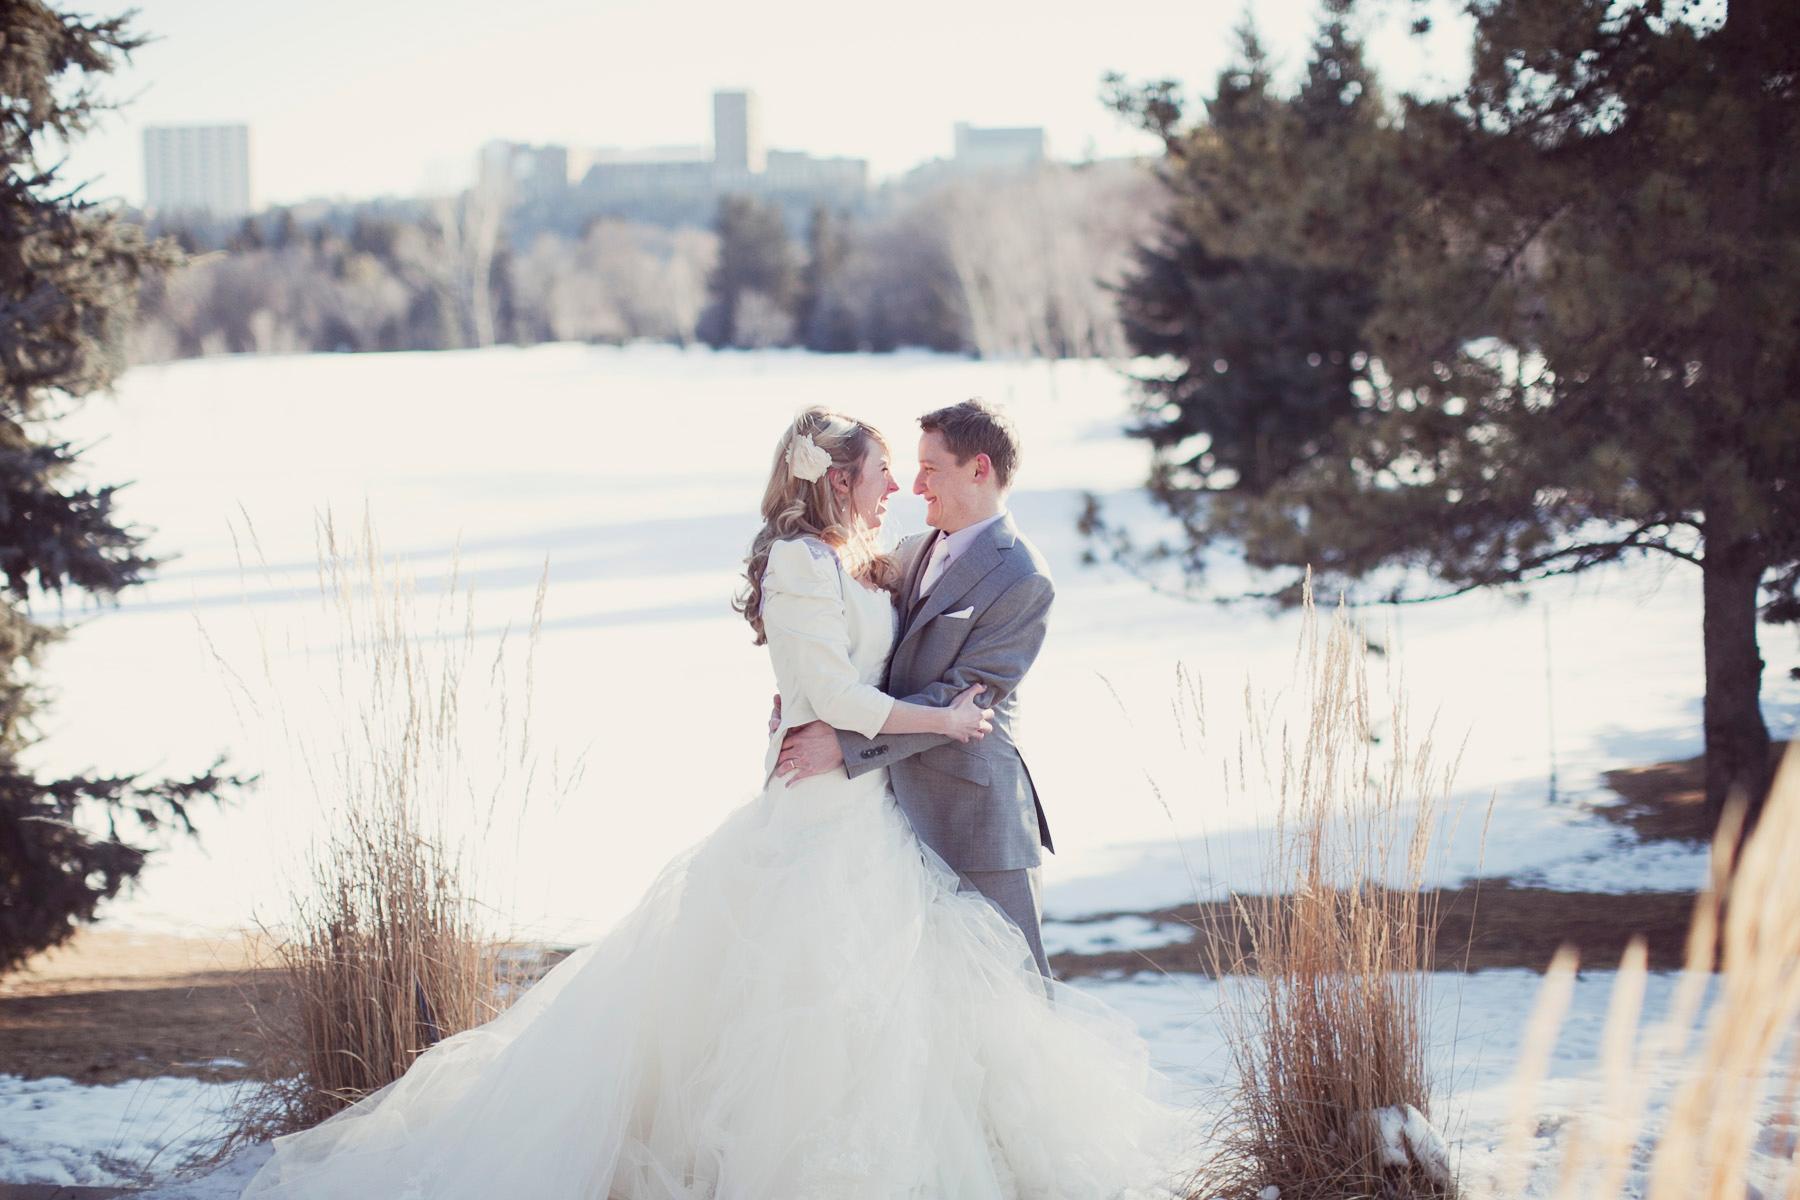 Особенная дата для свадьбы – 29 февраля